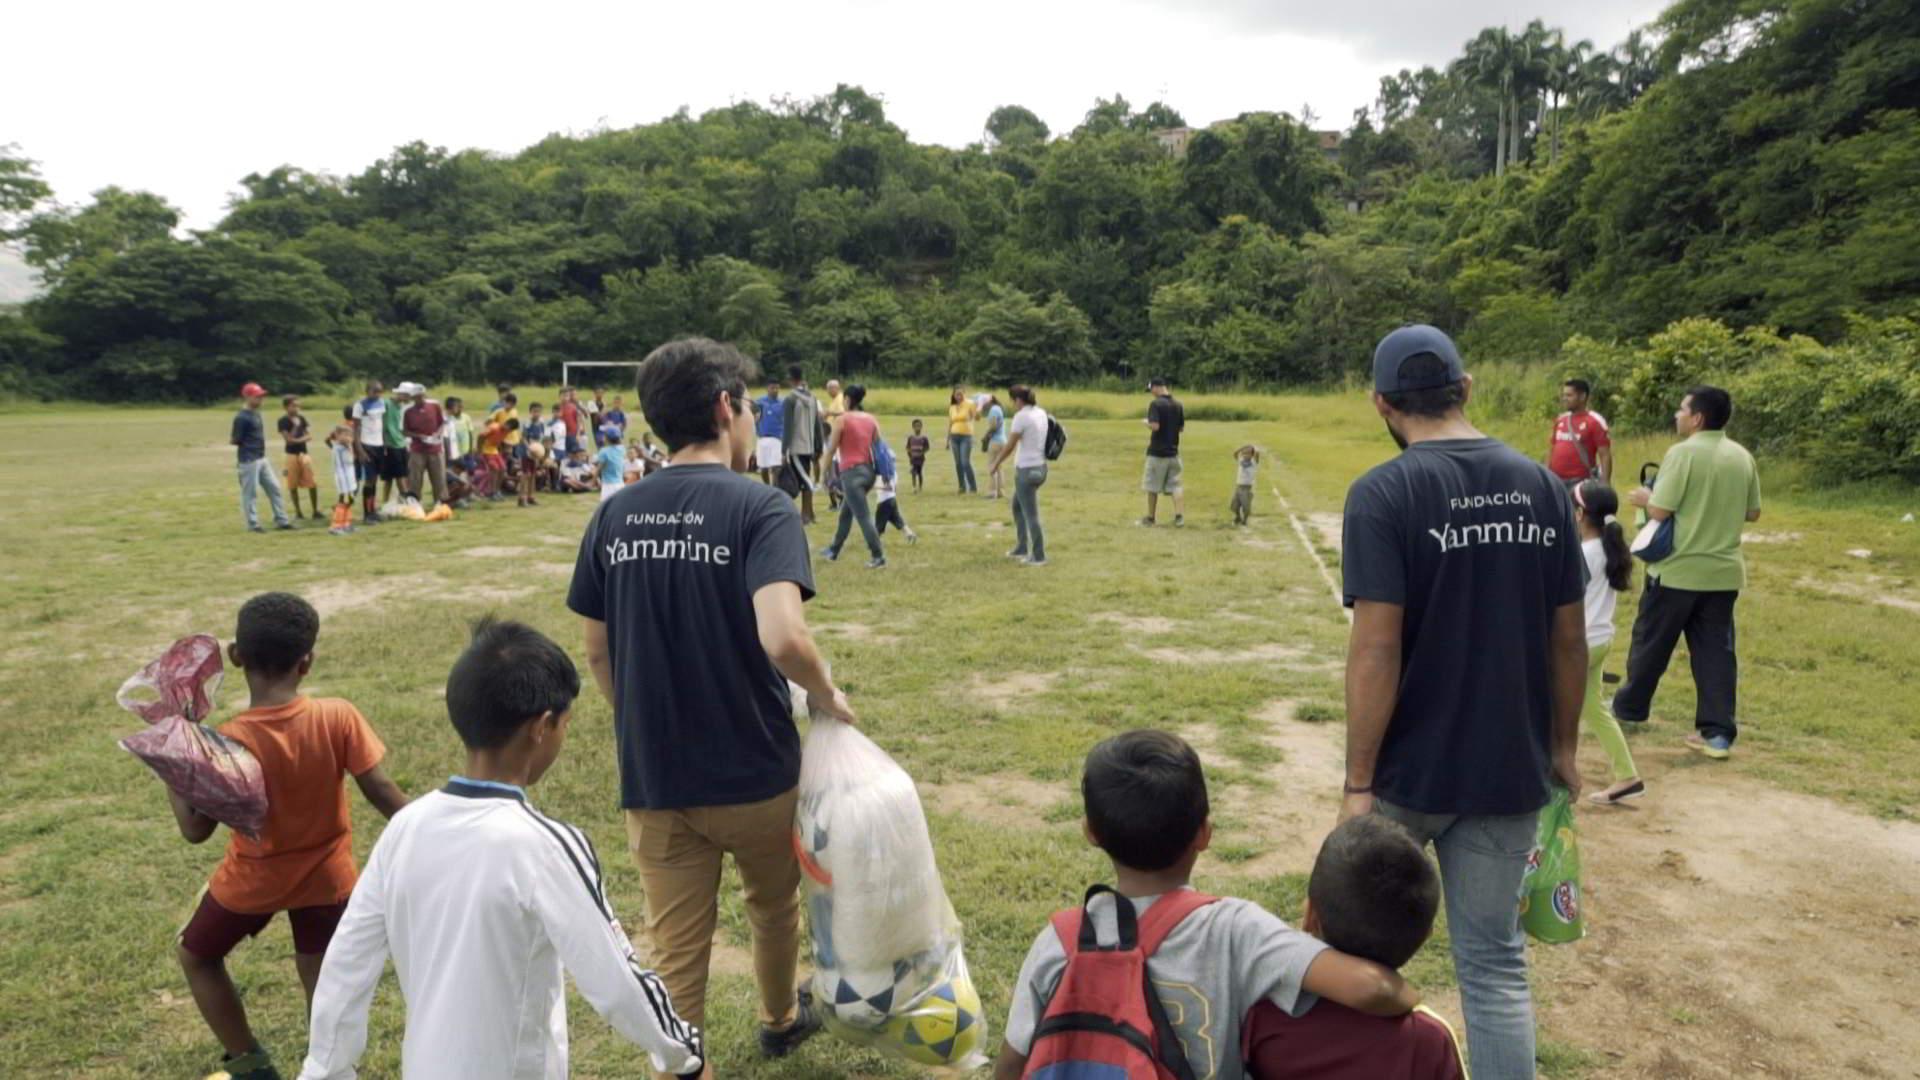 Fundación Yammine impulsa la prevención invirtiendo en el deporte popular